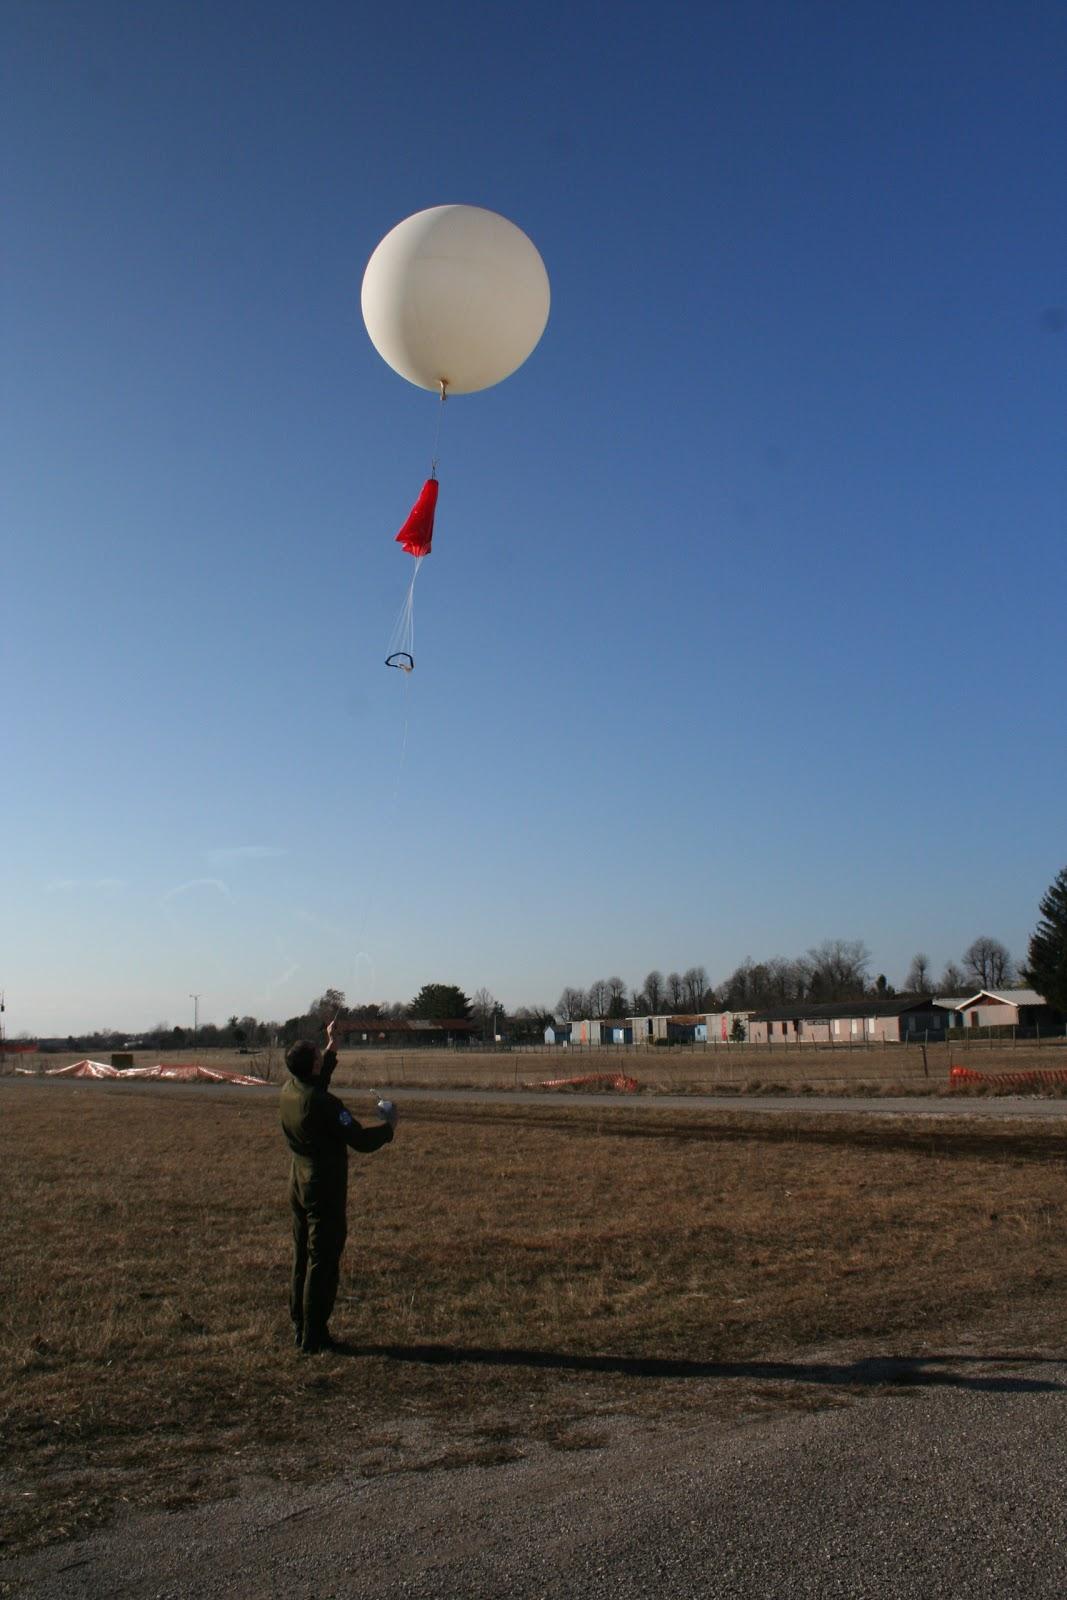 AIR - RADIORAMA: Pallone sonda - calcolo parametri di volo